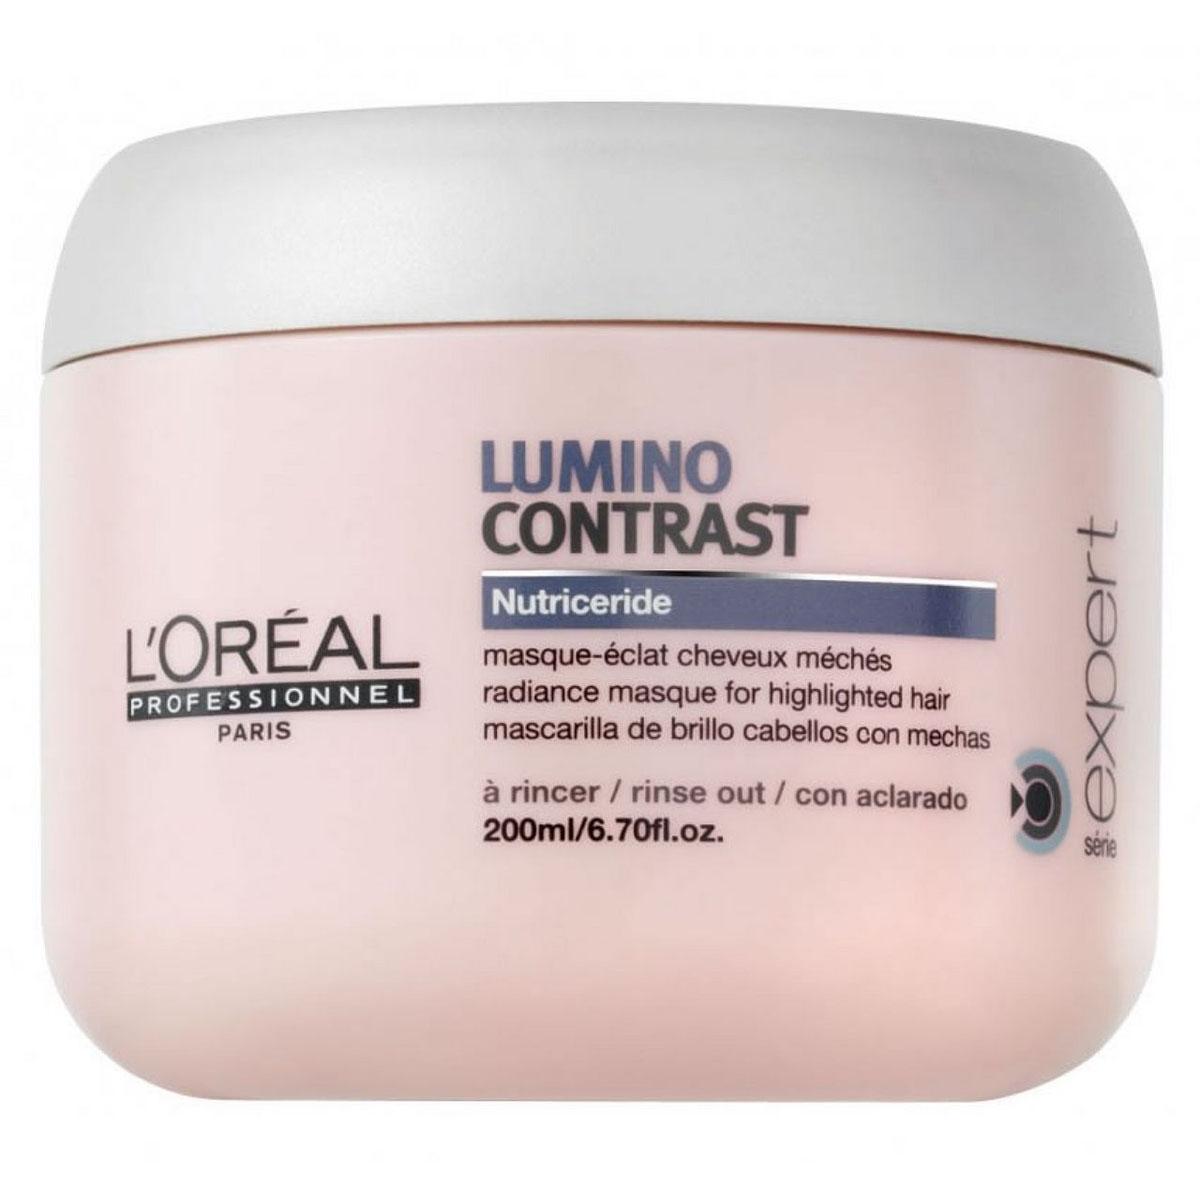 LOreal Professionnel Маска-сияние Expert Lumino Contrast - 200 млE3001876Как известно, мелированным волосам необходим особый уход, который отличается от ухода за окрашенными волосами. Специально для мелированных прядей была создана маска-сияние Люмино Контраст, которая справляется с несколькими задачами: Препятствует вымыванию цвета, питает волосы. Разглаживает волосы, создавая на них плёнку, которая защищает их от неблагоприятного воздействия внешних факторов. Дарит волосам сияние, шелковистость, гладкость и наполняет их энергией. Способствует восстановлению липидного баланса мелированных прядей, благодаря особой технологии Nutriceride. Облегчает процесс укладки и расчёсывание.